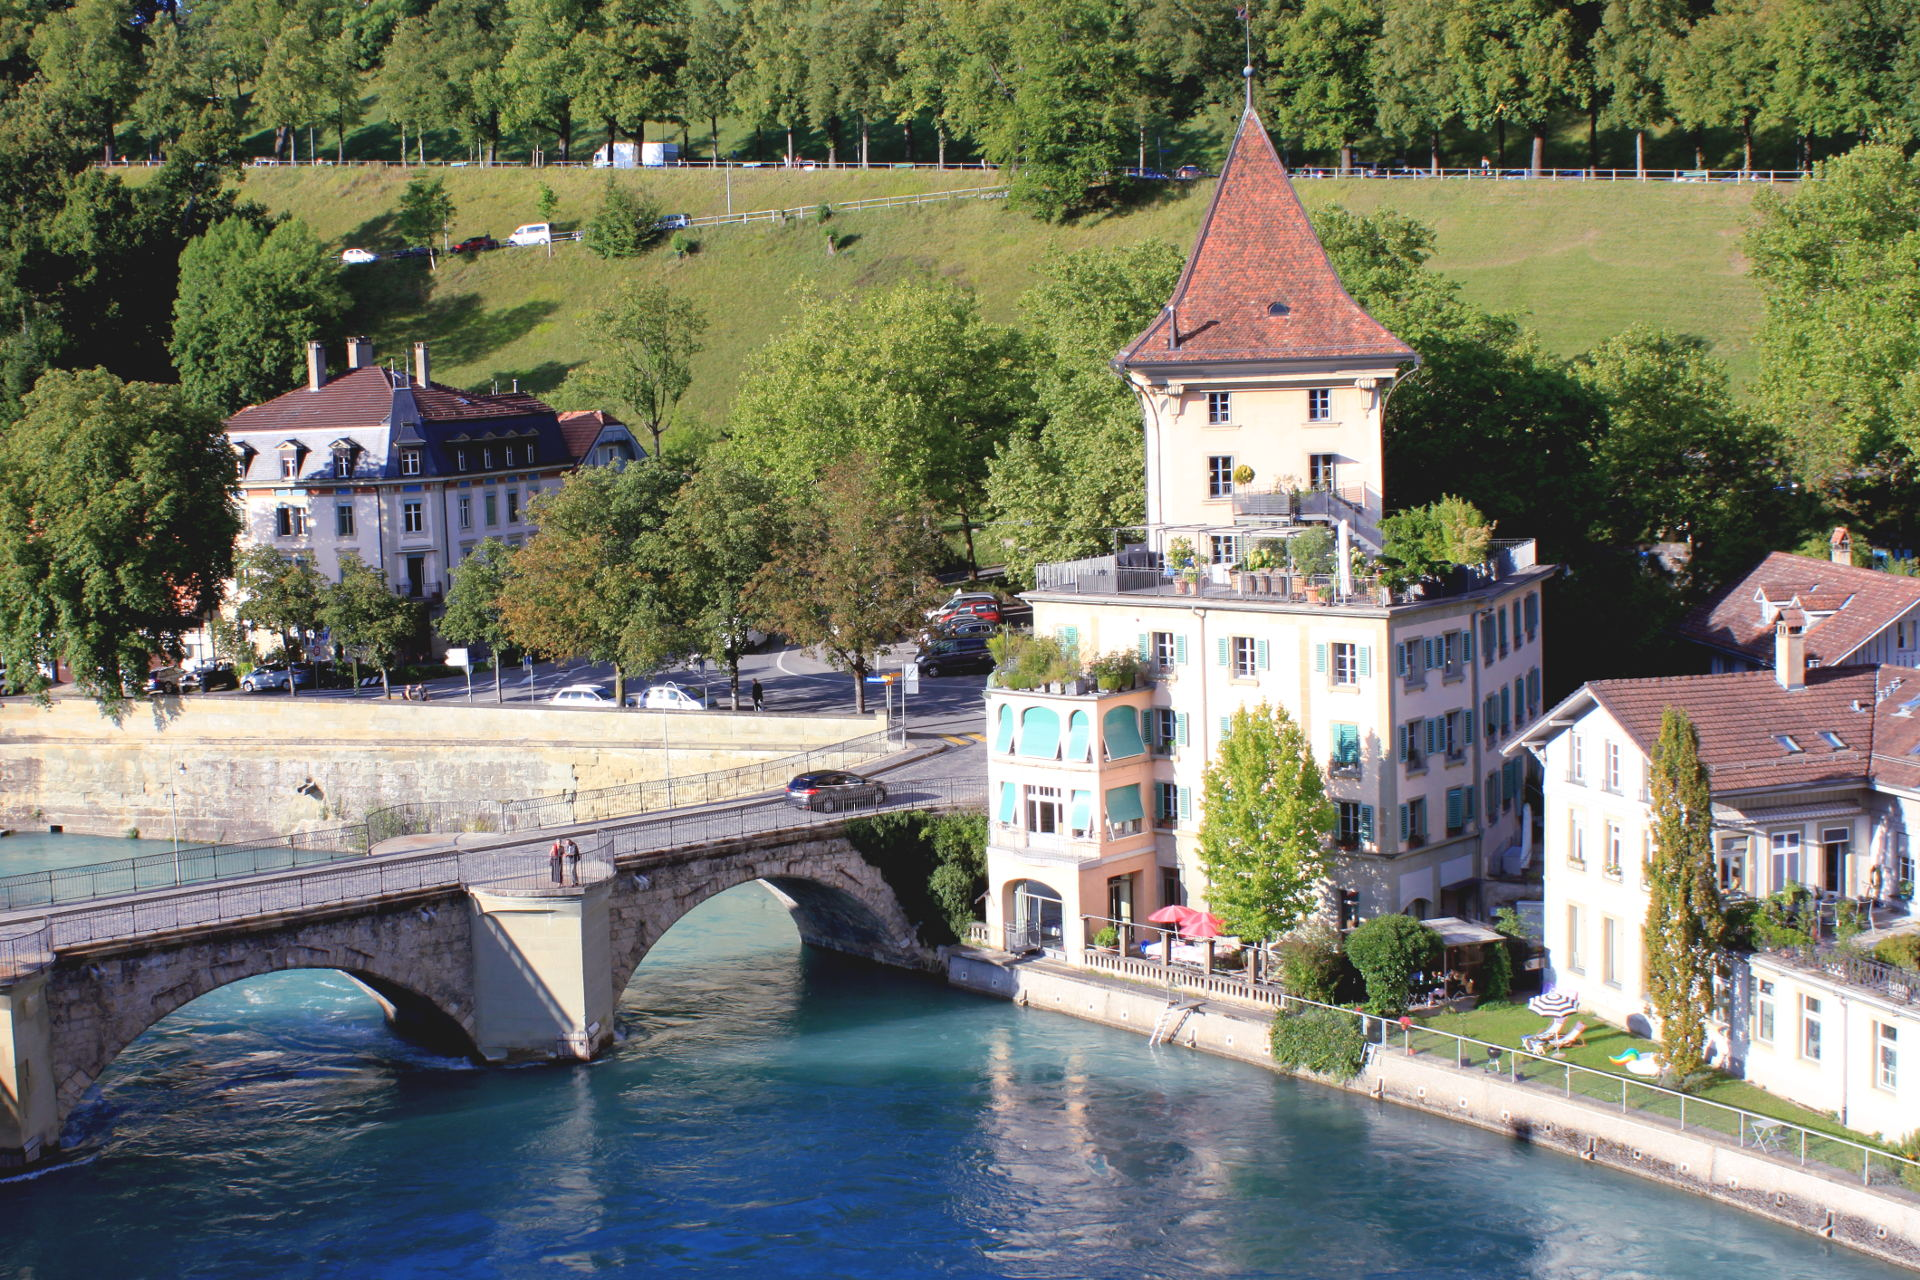 szwajcaria berno bern widok rzekaaare most staremiasto stolica iglawpodrozy